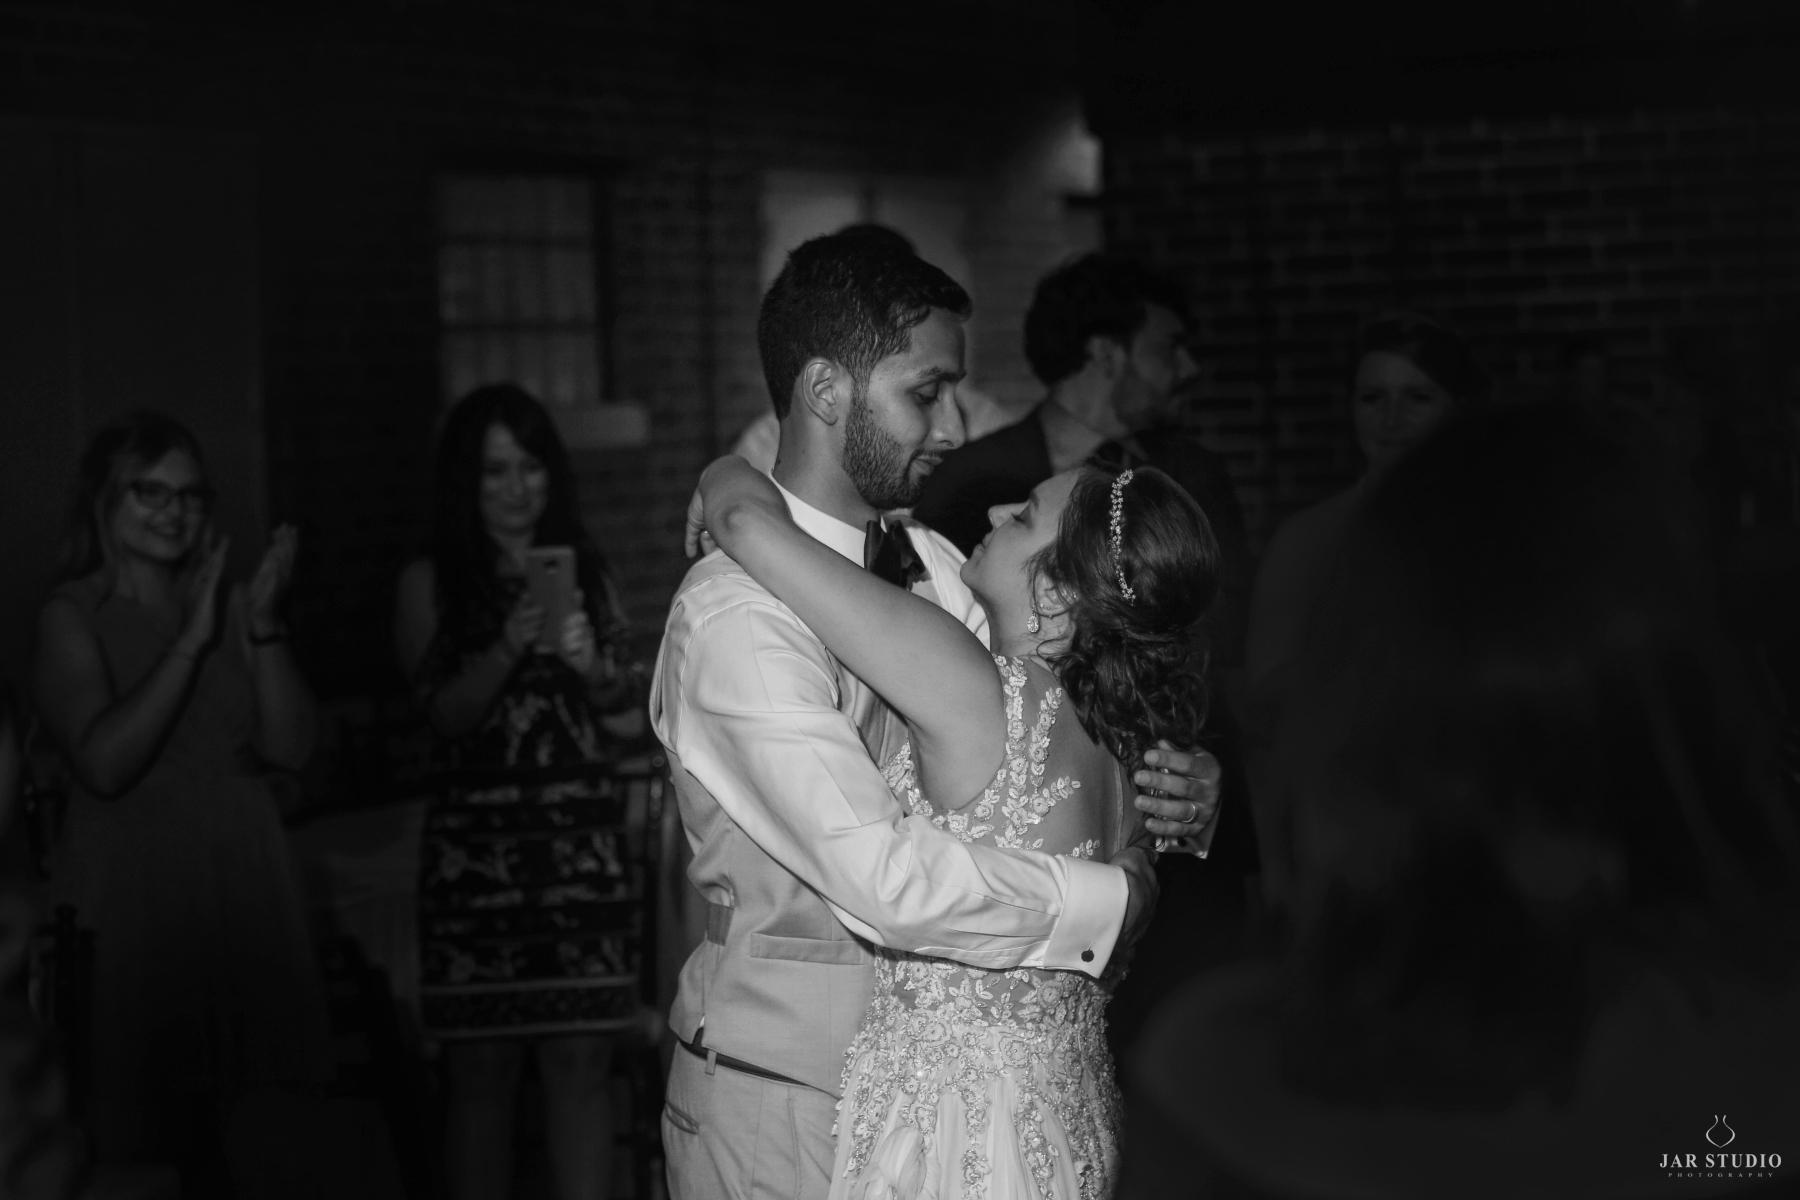 jarstudio-wedding-photographer-1396.JPG